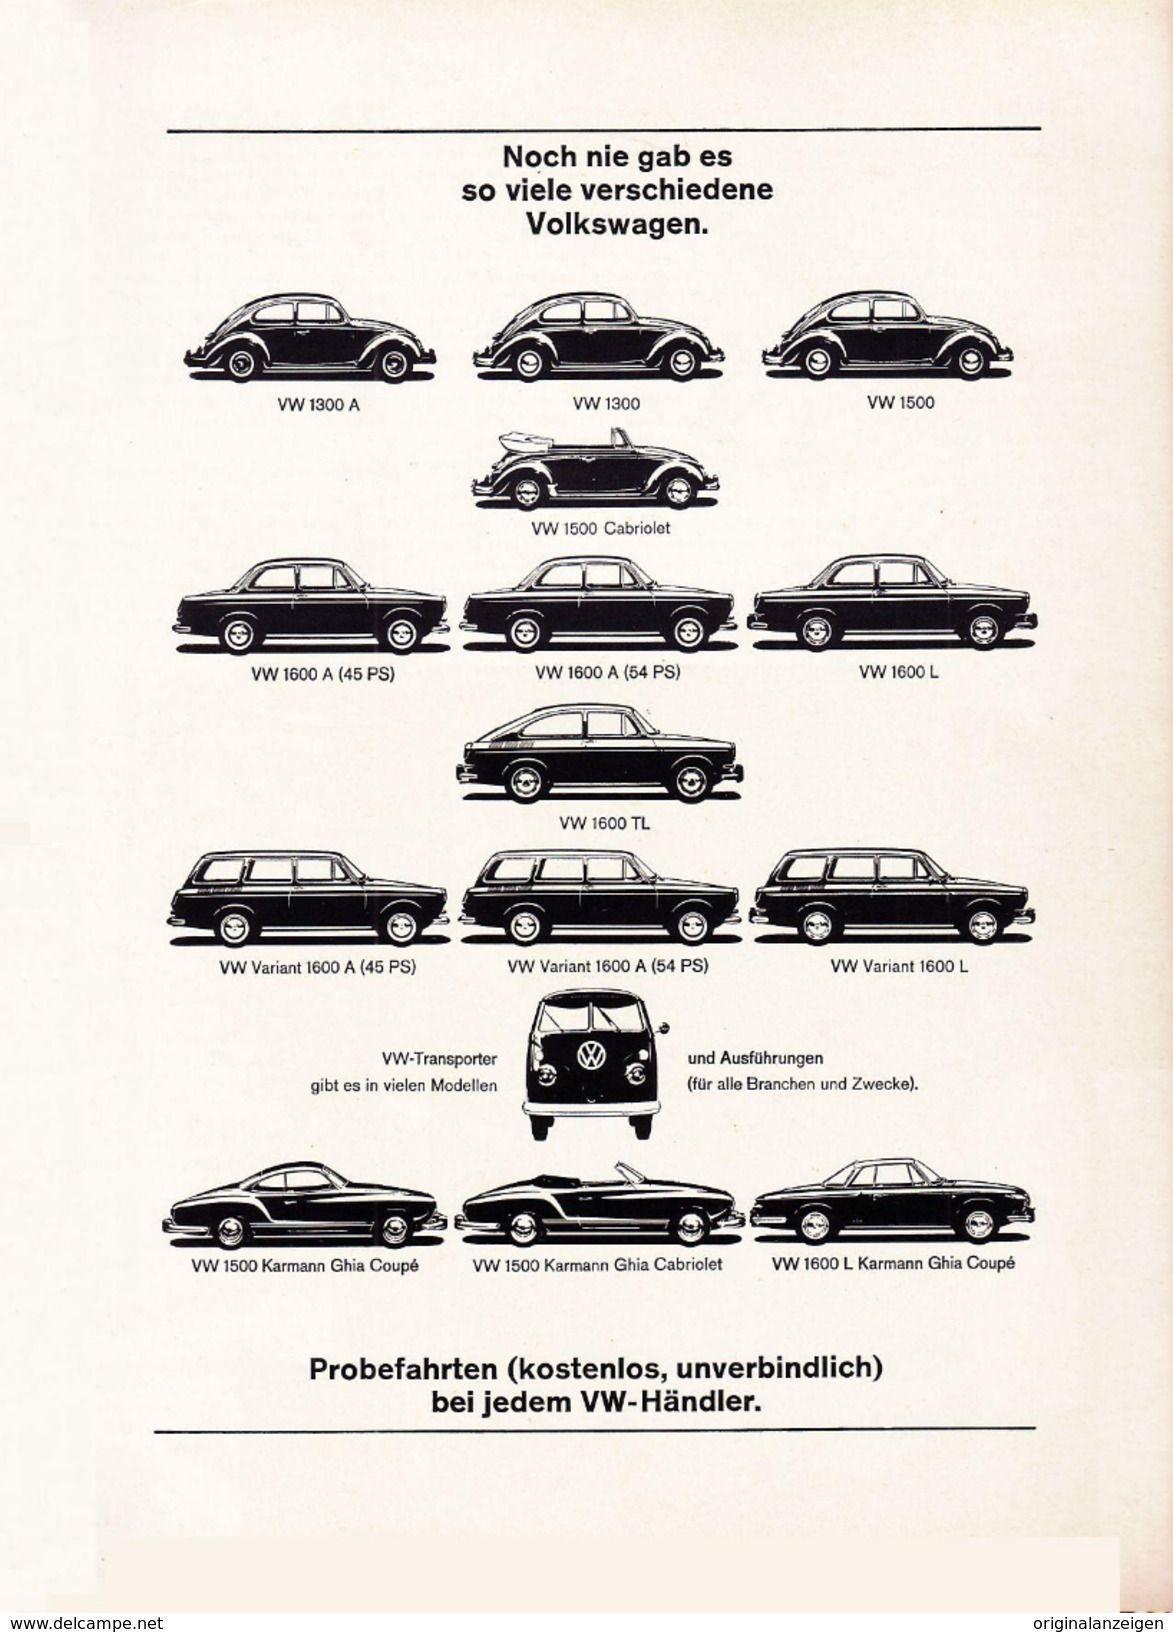 Originalwerbung Produktpalette Artikelnummer 449198105 Volkswagen Anzeige Werbung Motiv Vw Ca Mm Xorigina Vw Classic Classic Volkswagen Vintage Vw